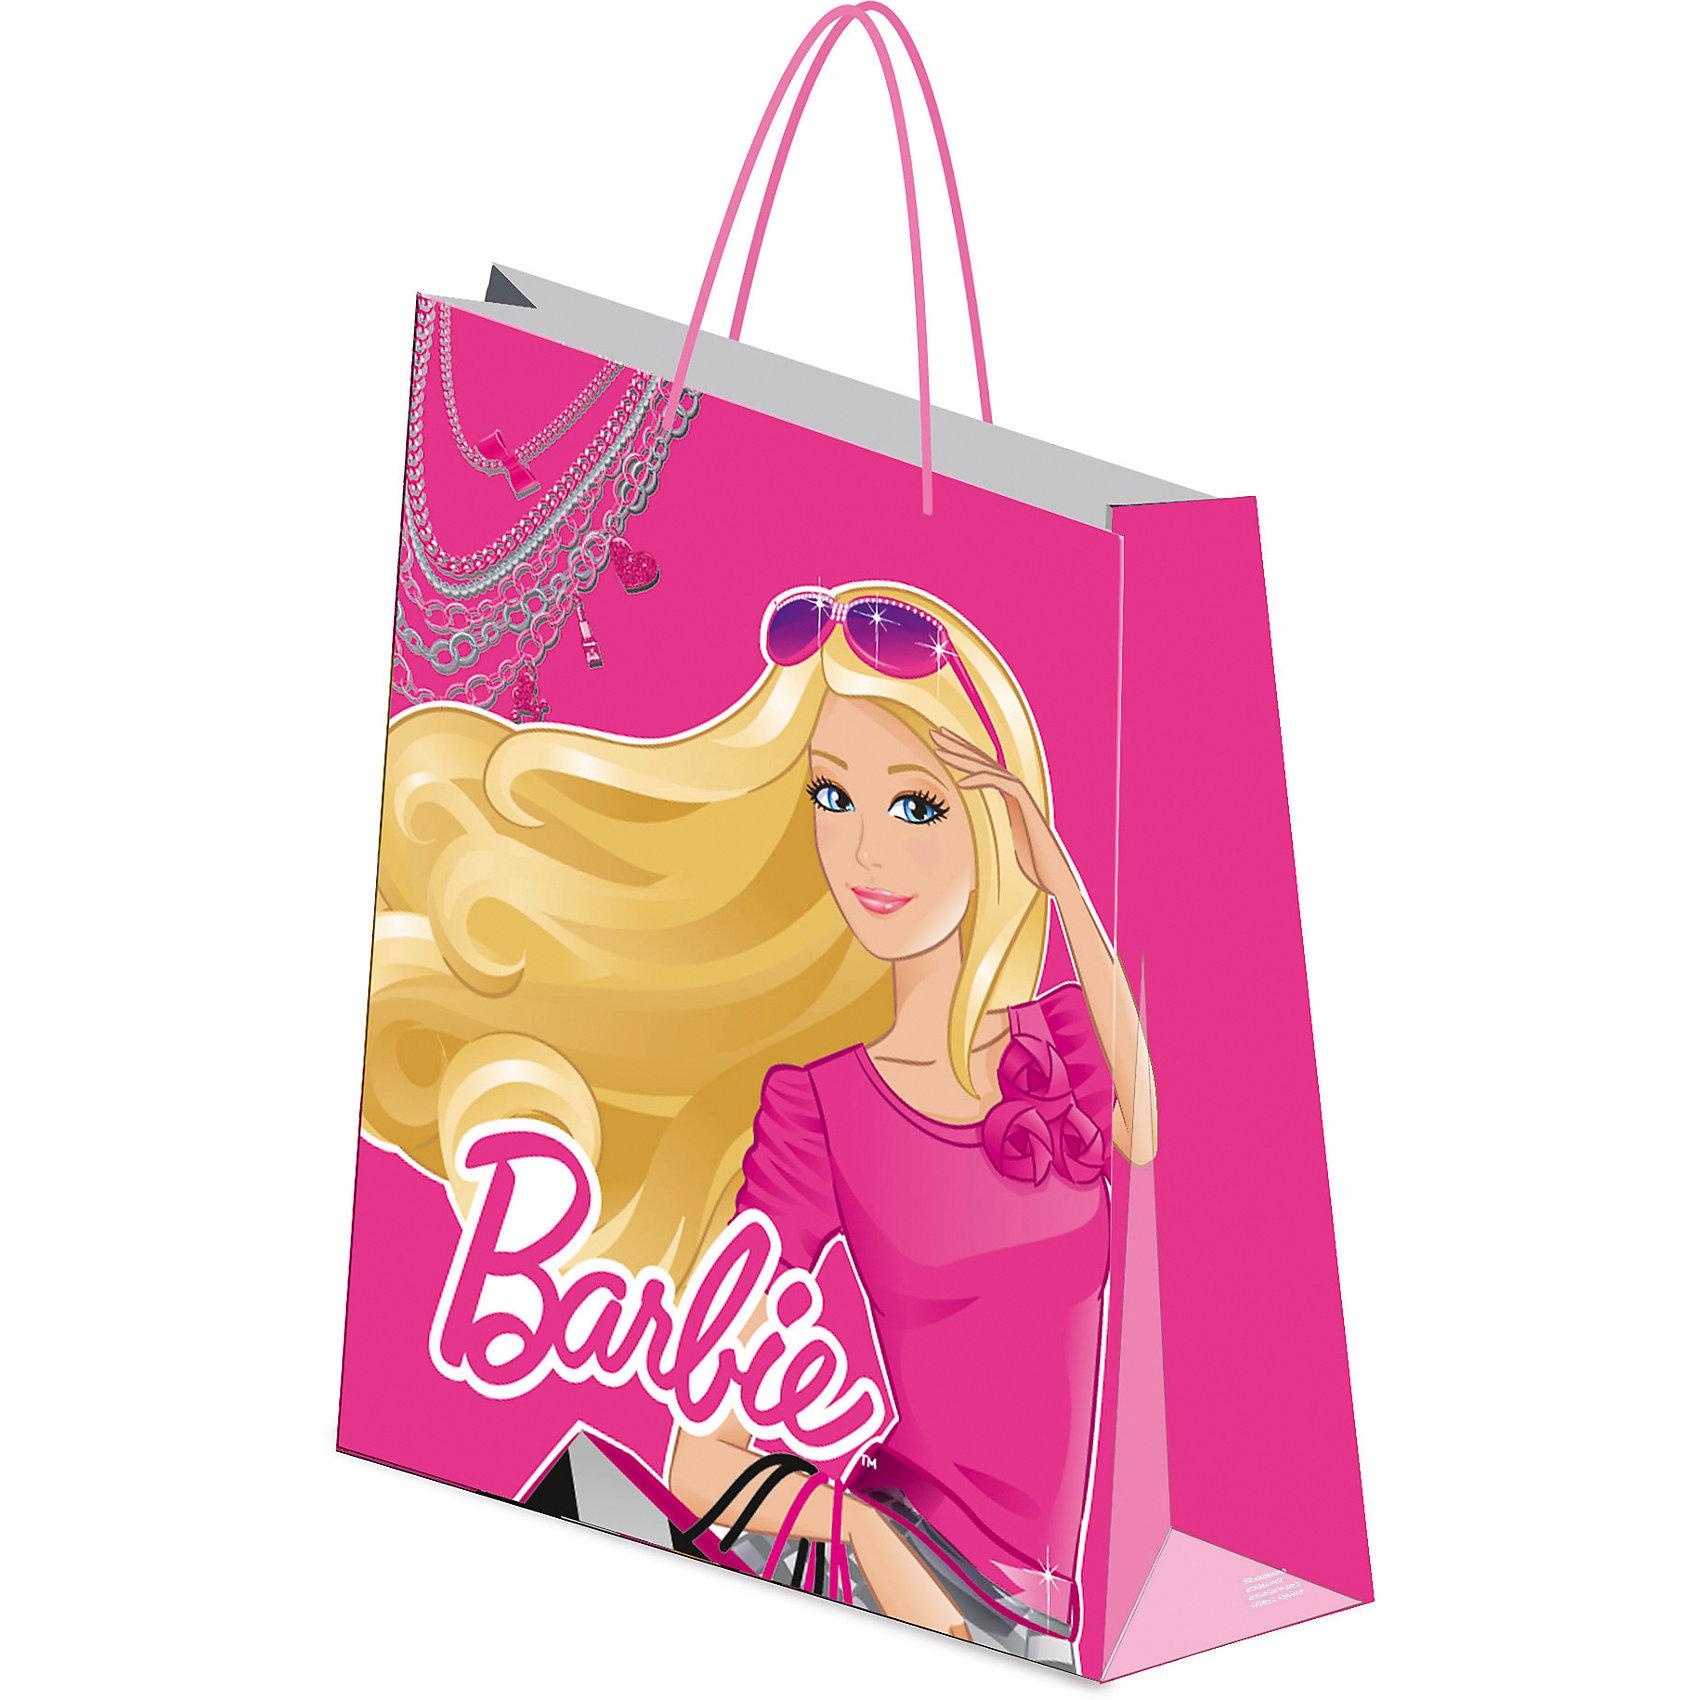 Академия групп Пакет подарочный 41,5*55*15,5 см, Barbie росмэн пакет подарочный мои питомцы 230х180х100 barbie